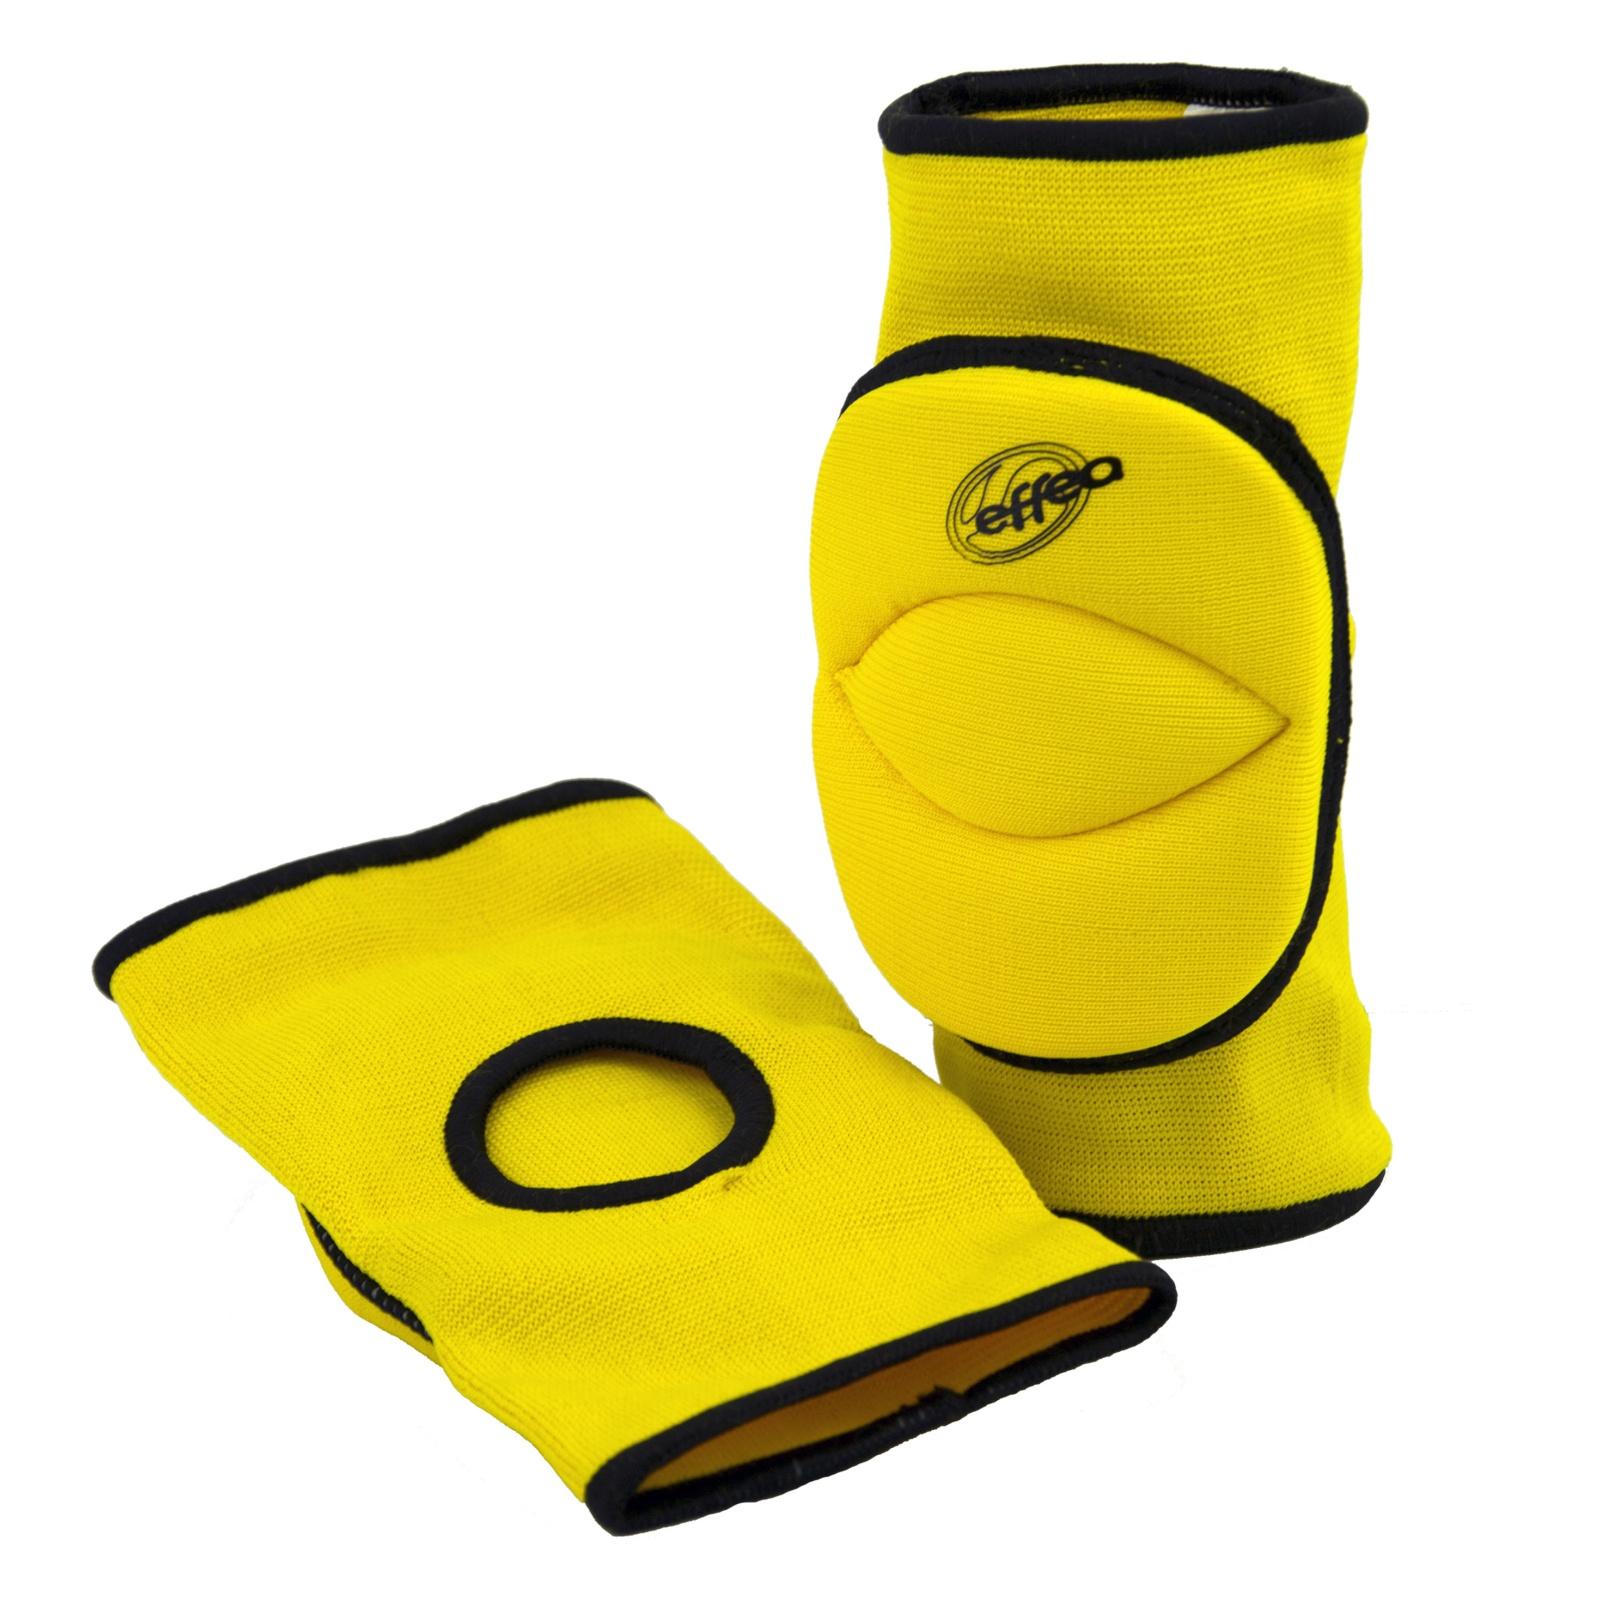 Volejbalové chrániče kolen EFFEA 6644 junior žluté